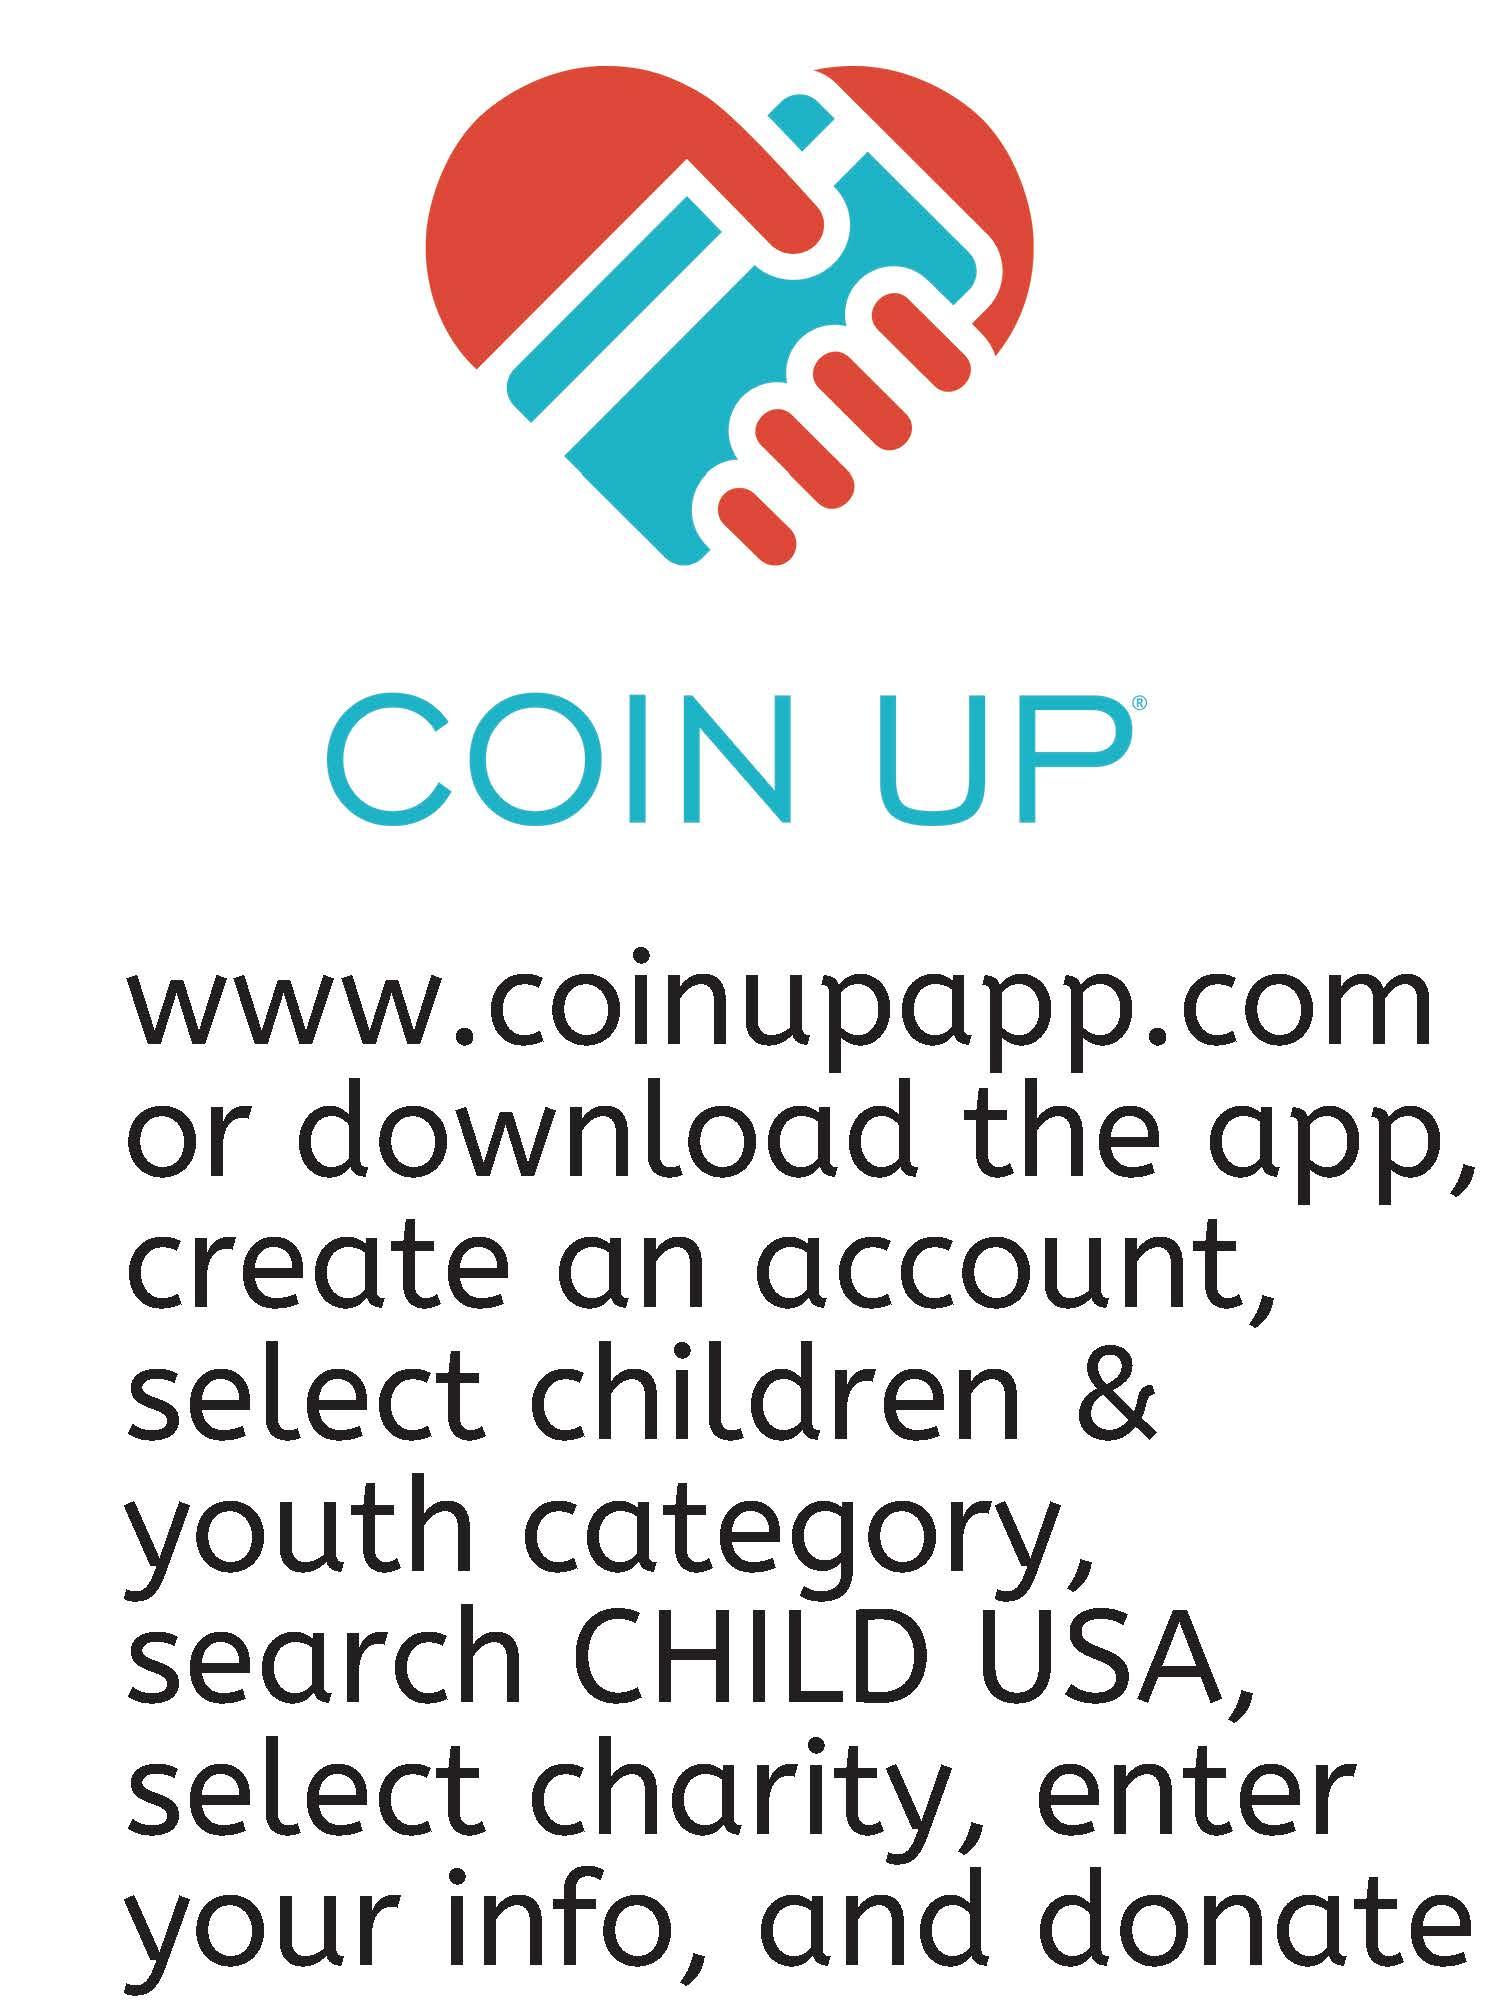 coinup.jpg